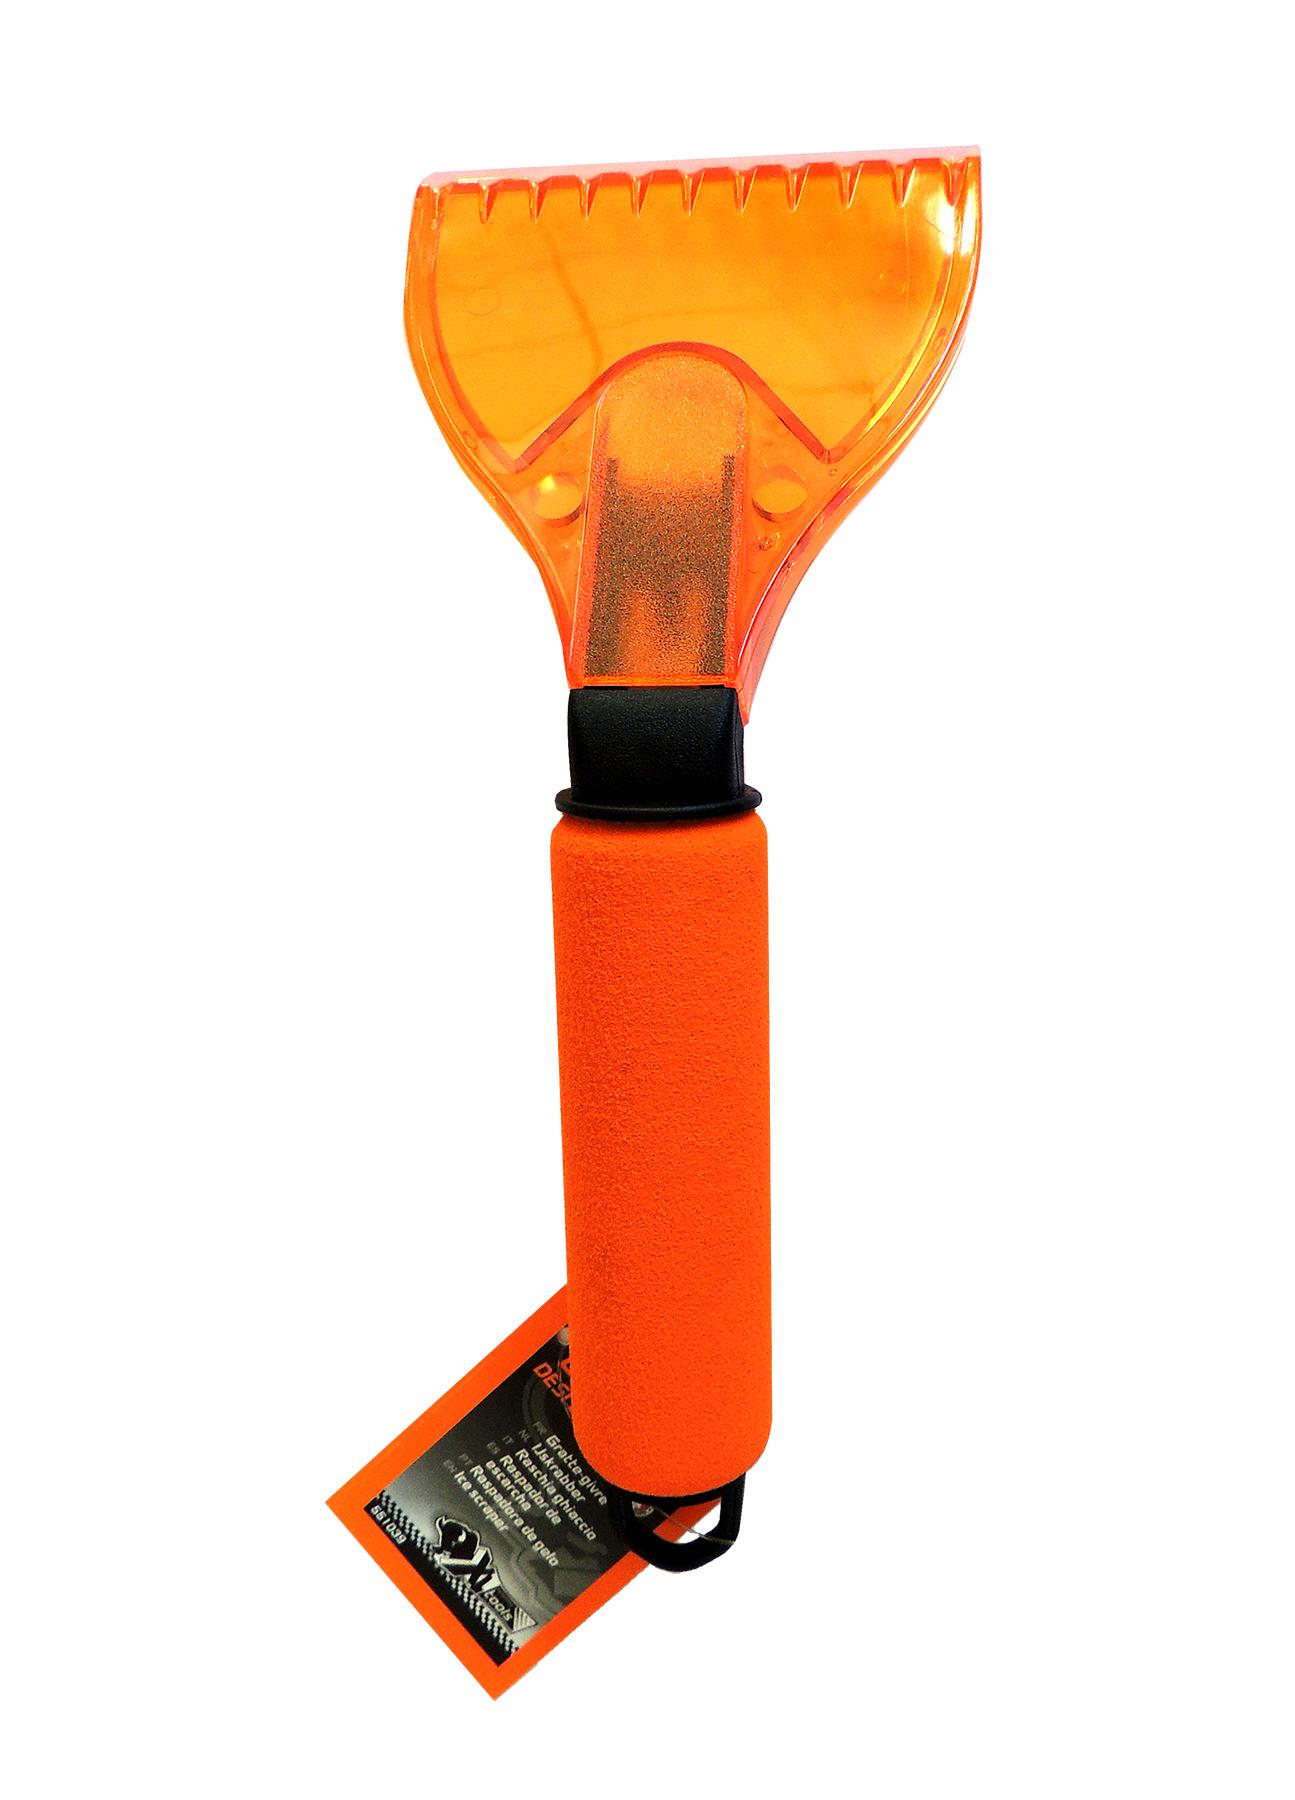 XLPT-gratte-givre-034-Descente-034-poignee-mousse miniature 2